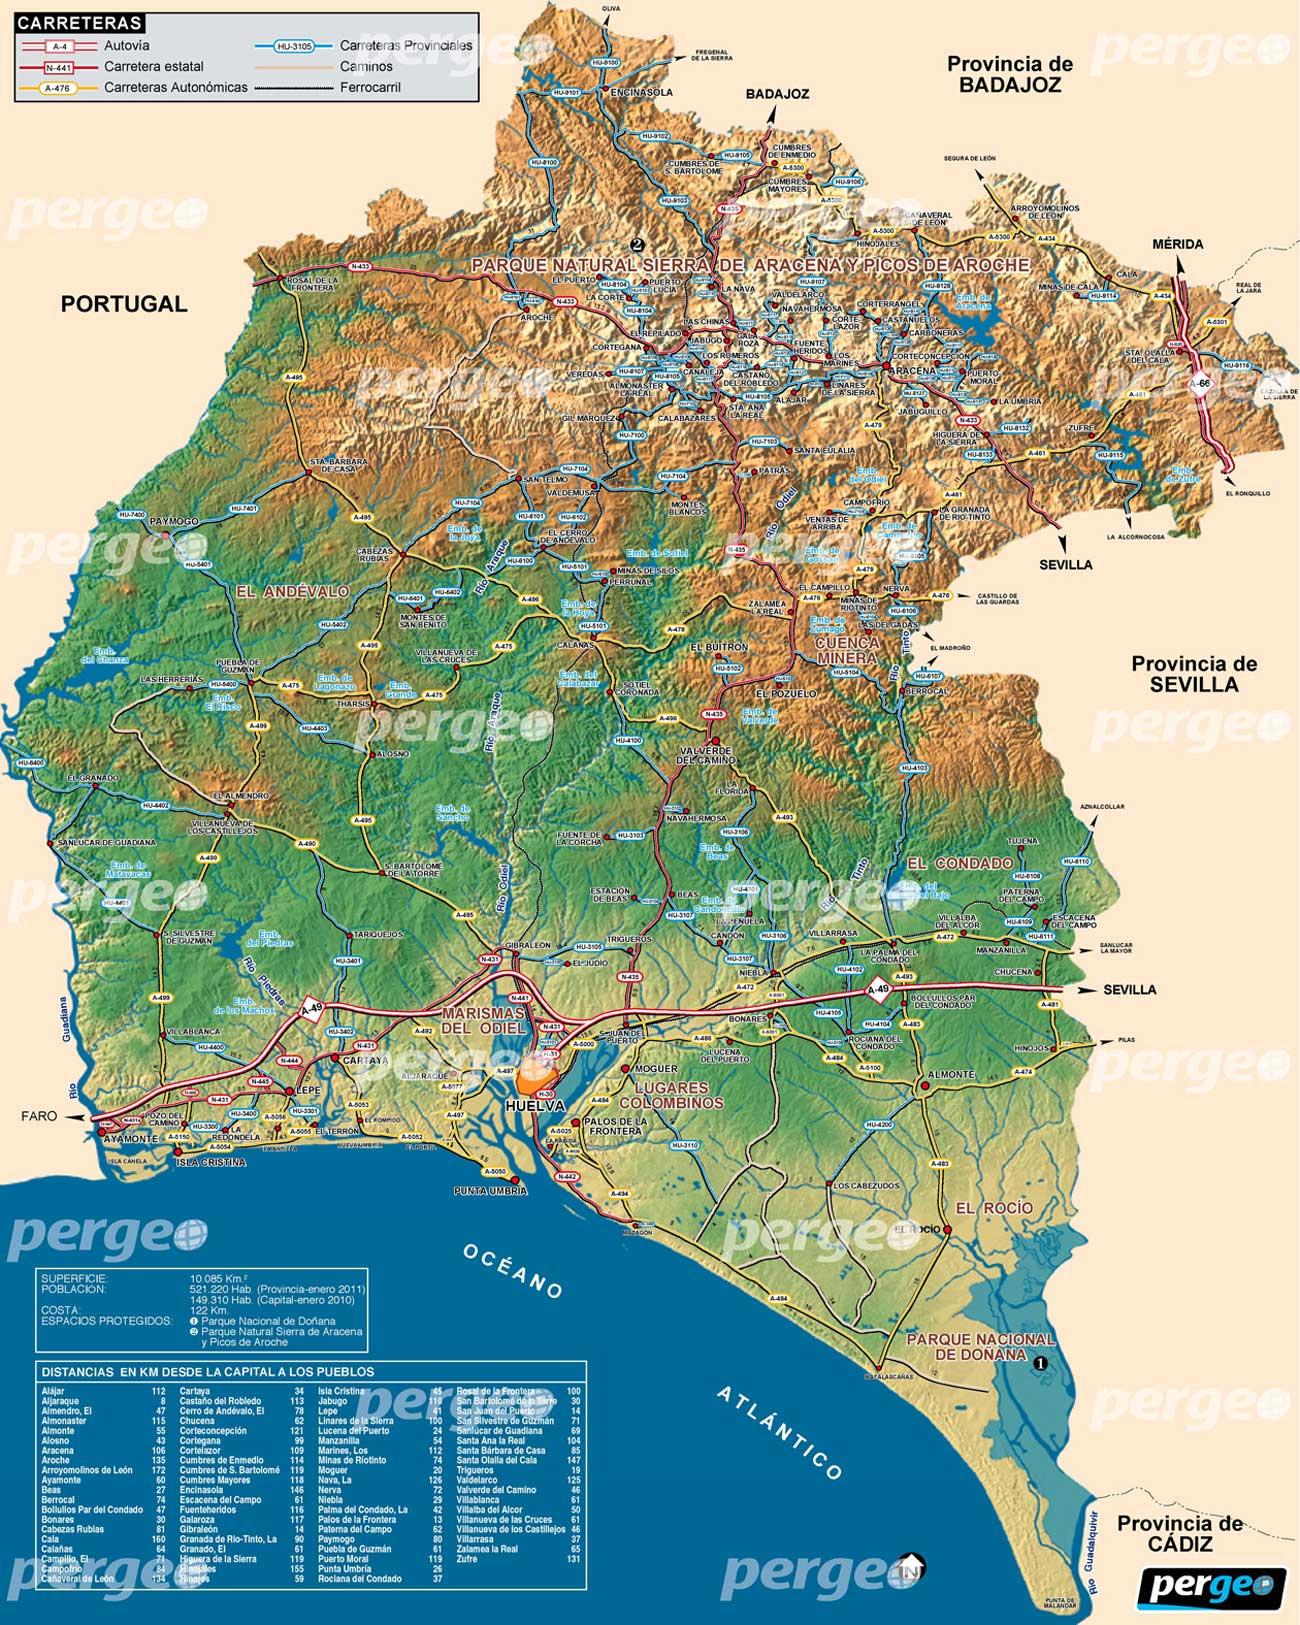 huelva mapa Provincia de Huelva. mapa artístico e ilustradopergeo.es huelva mapa